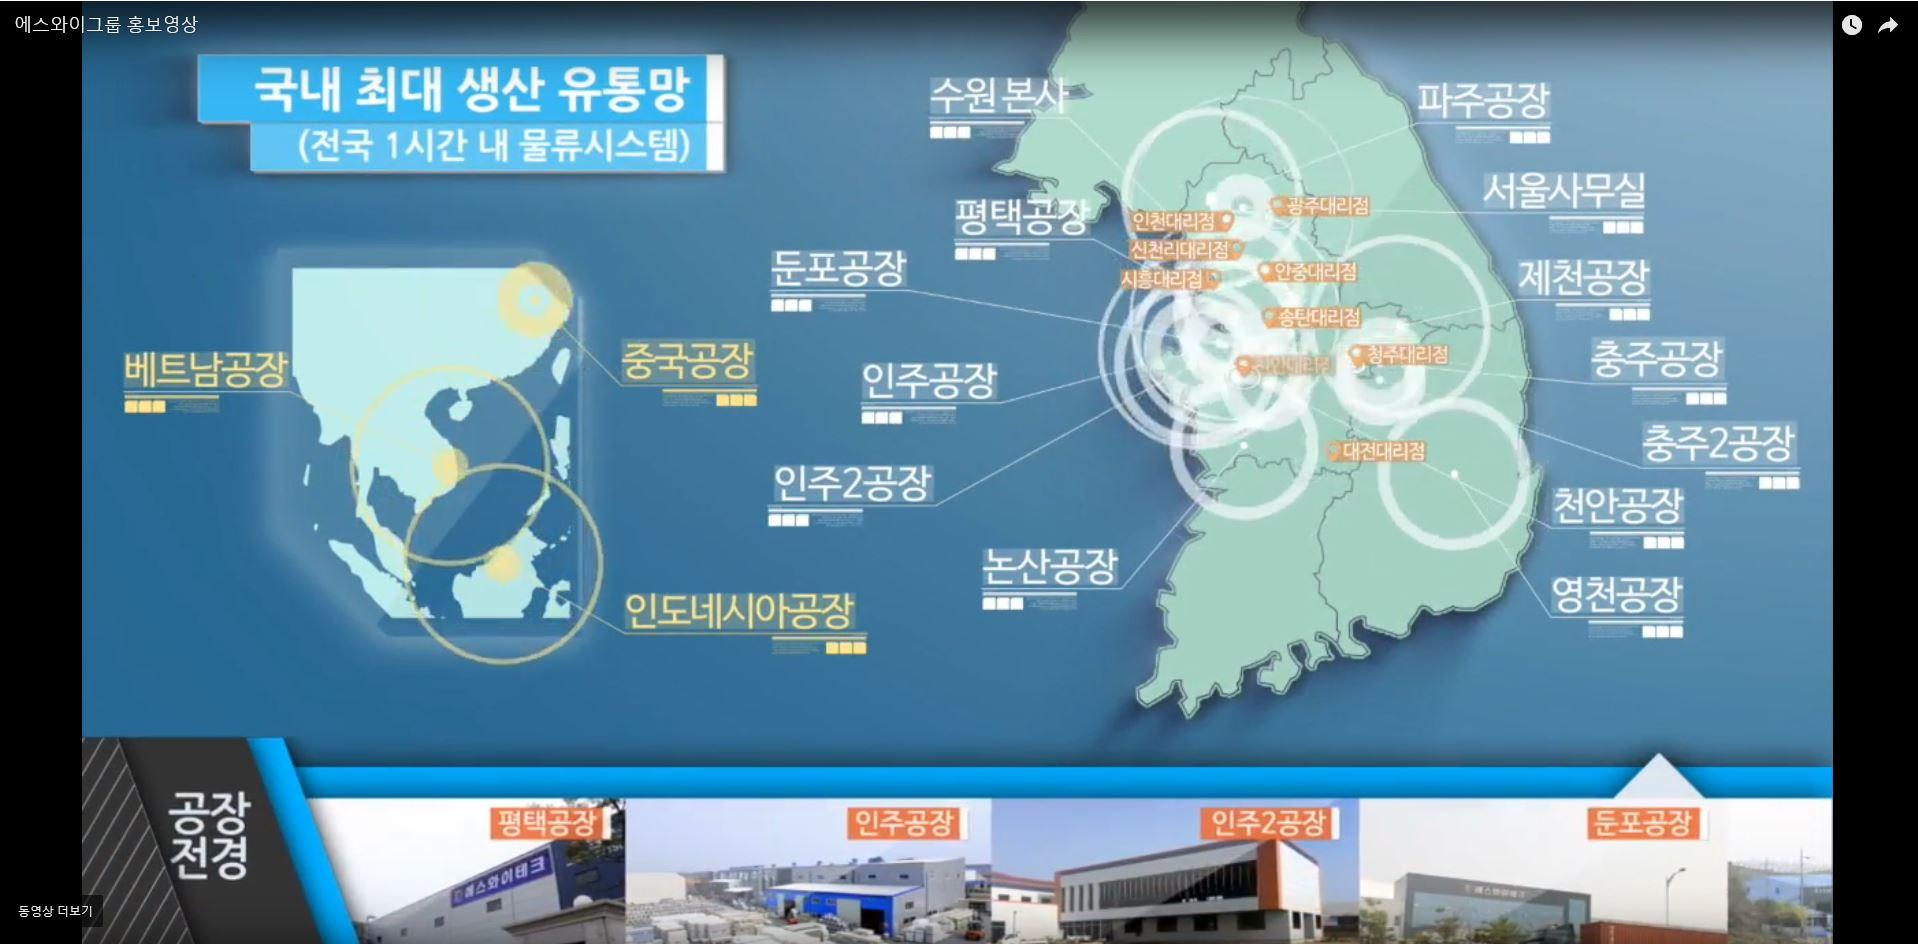 2016 에스와이그룹 홍보영상(그룹)